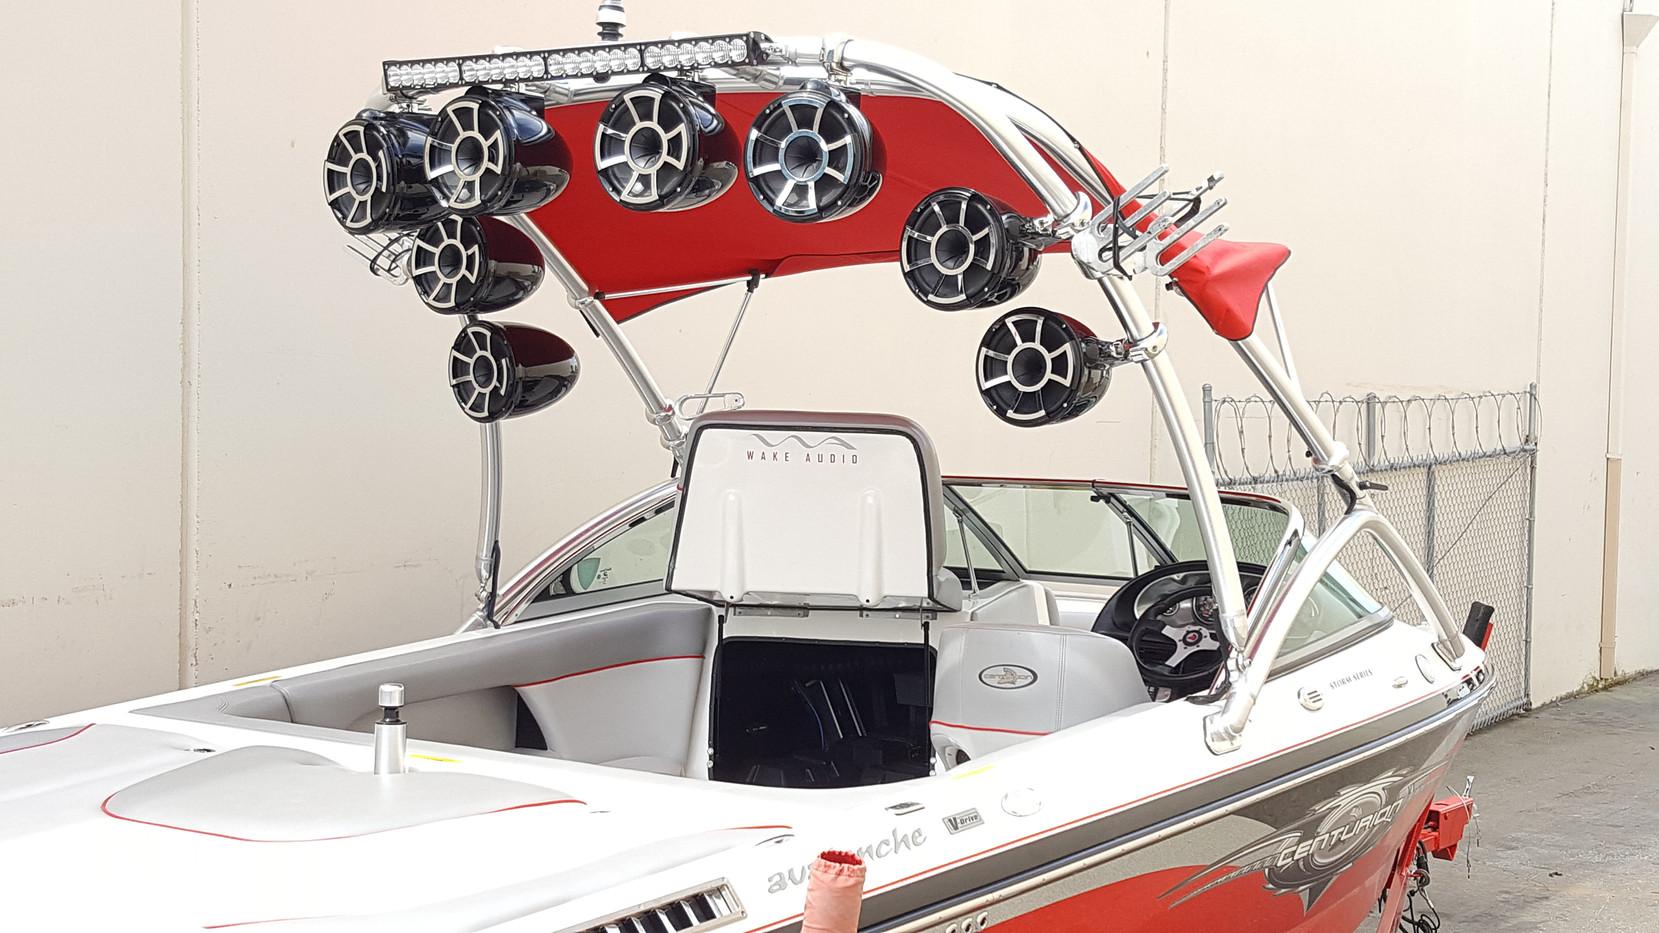 2008 Centurion Avalanche (6).jpg